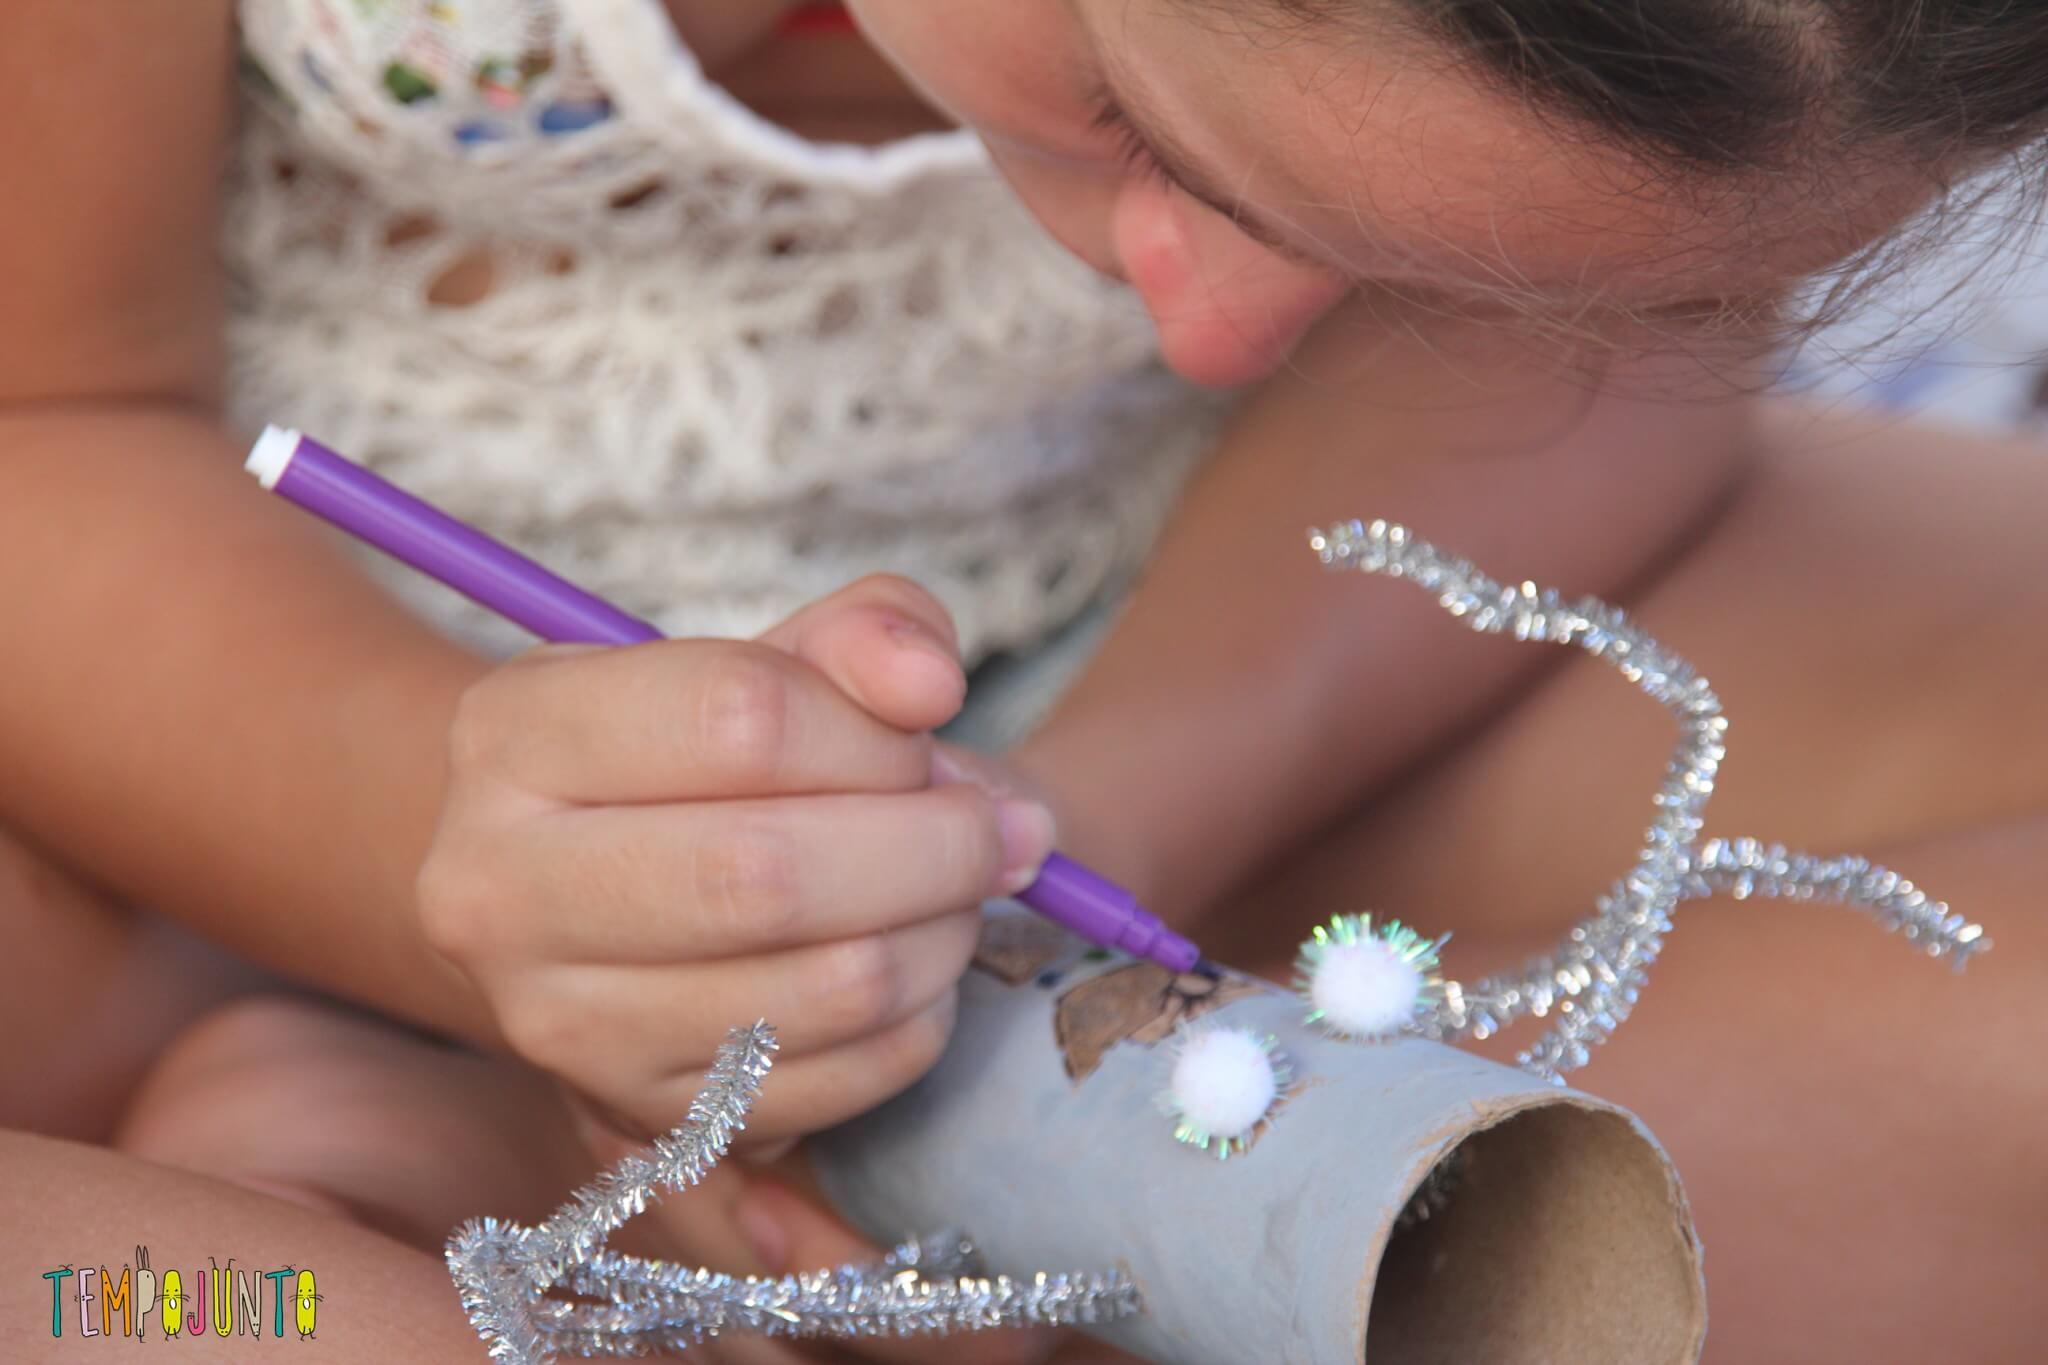 ideias criativas com rolo de papel higiênico - Robo da Clarinha